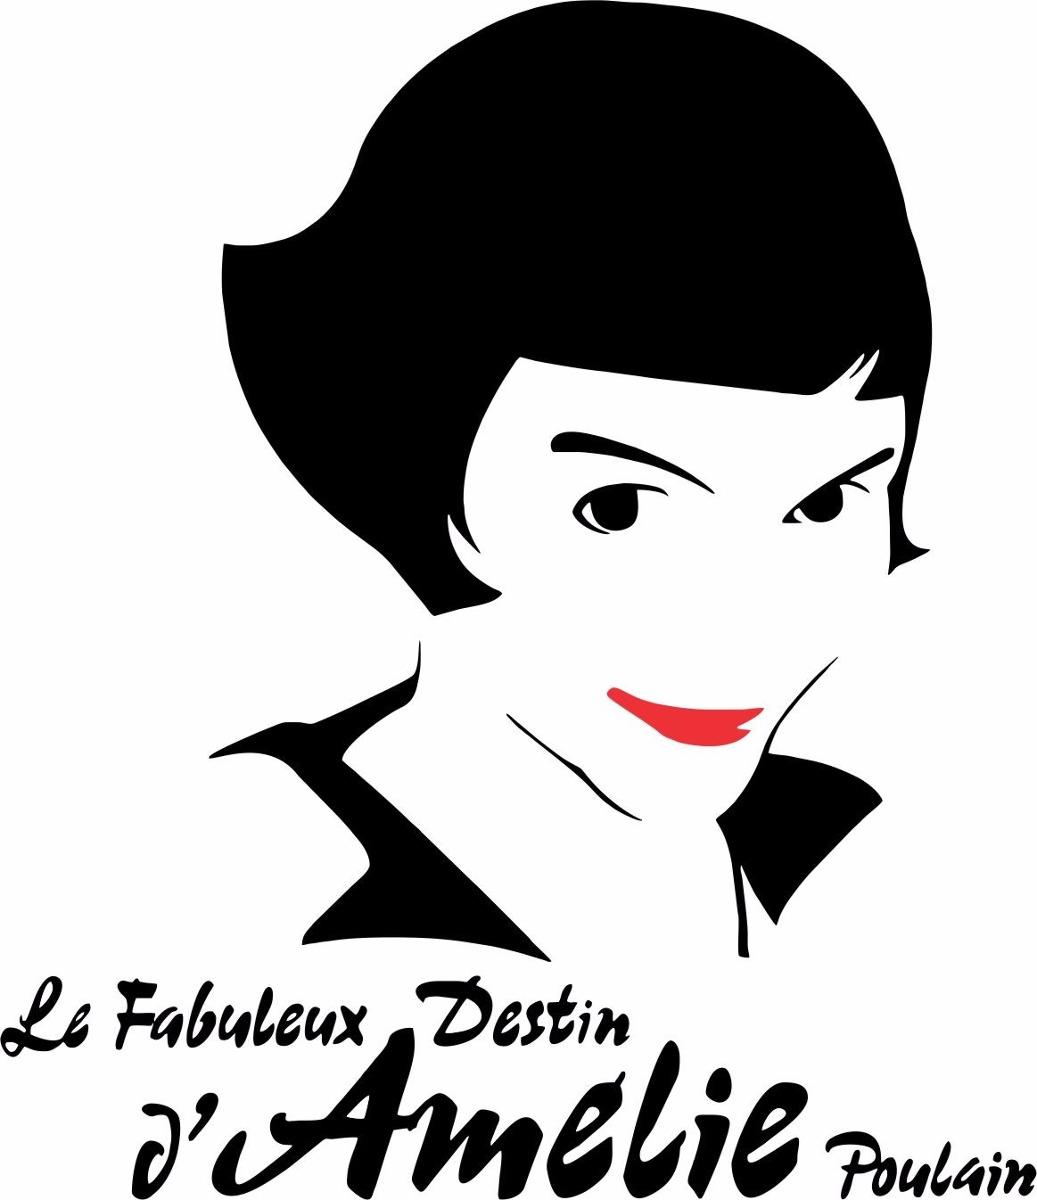 Adesivo Parede Amelie Poulain 1 1 Metro Sala Quarto Cozinha R